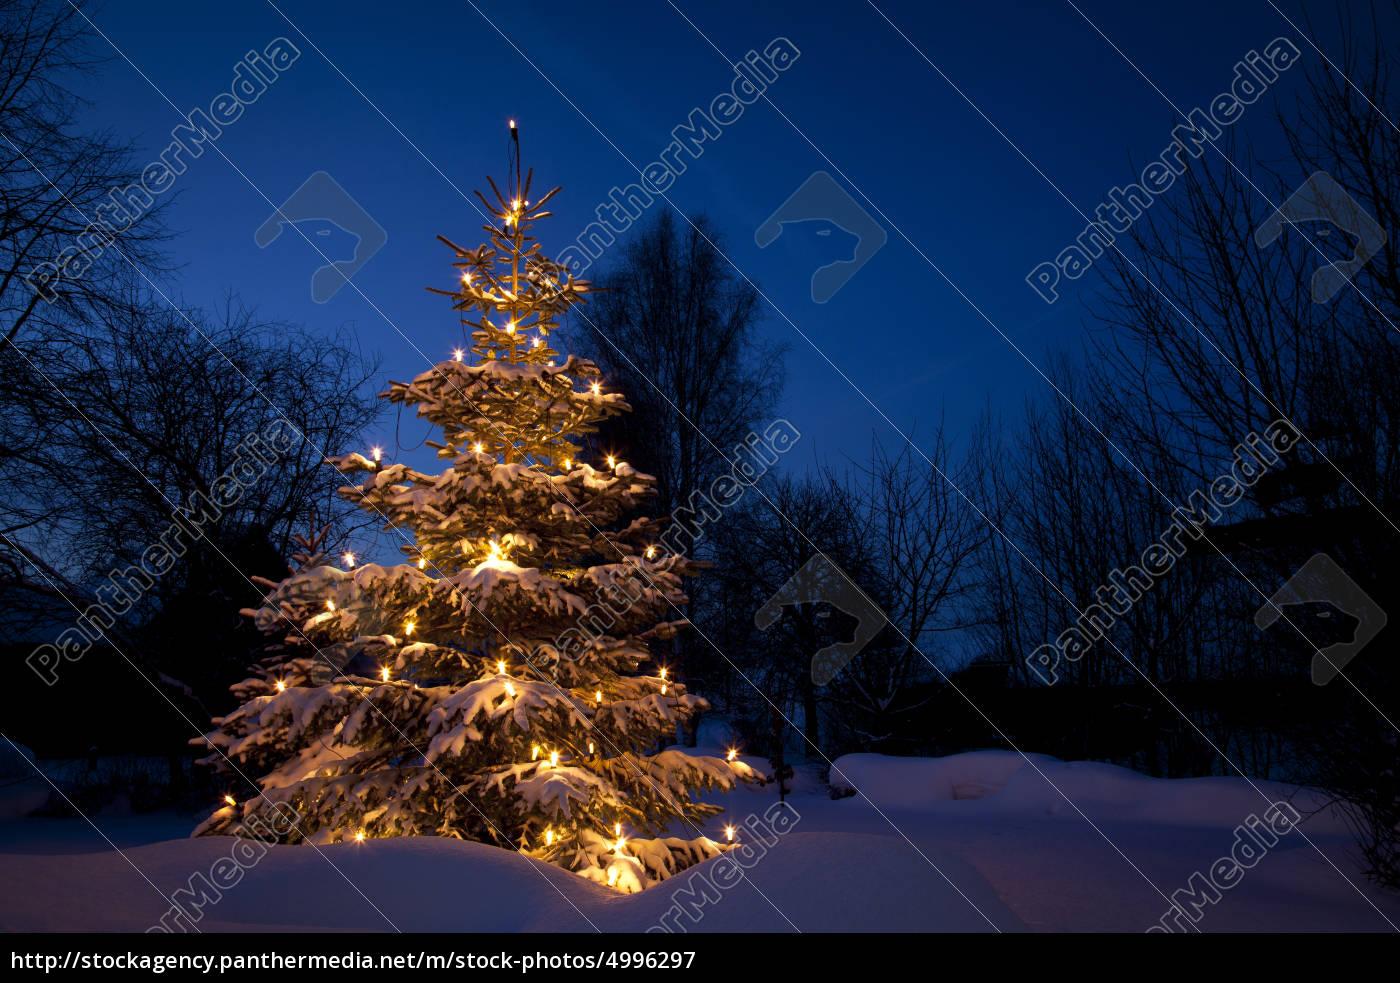 weihnachtsbaum im schnee winter lizenzfreies bild 4996297 bildagentur panthermedia. Black Bedroom Furniture Sets. Home Design Ideas